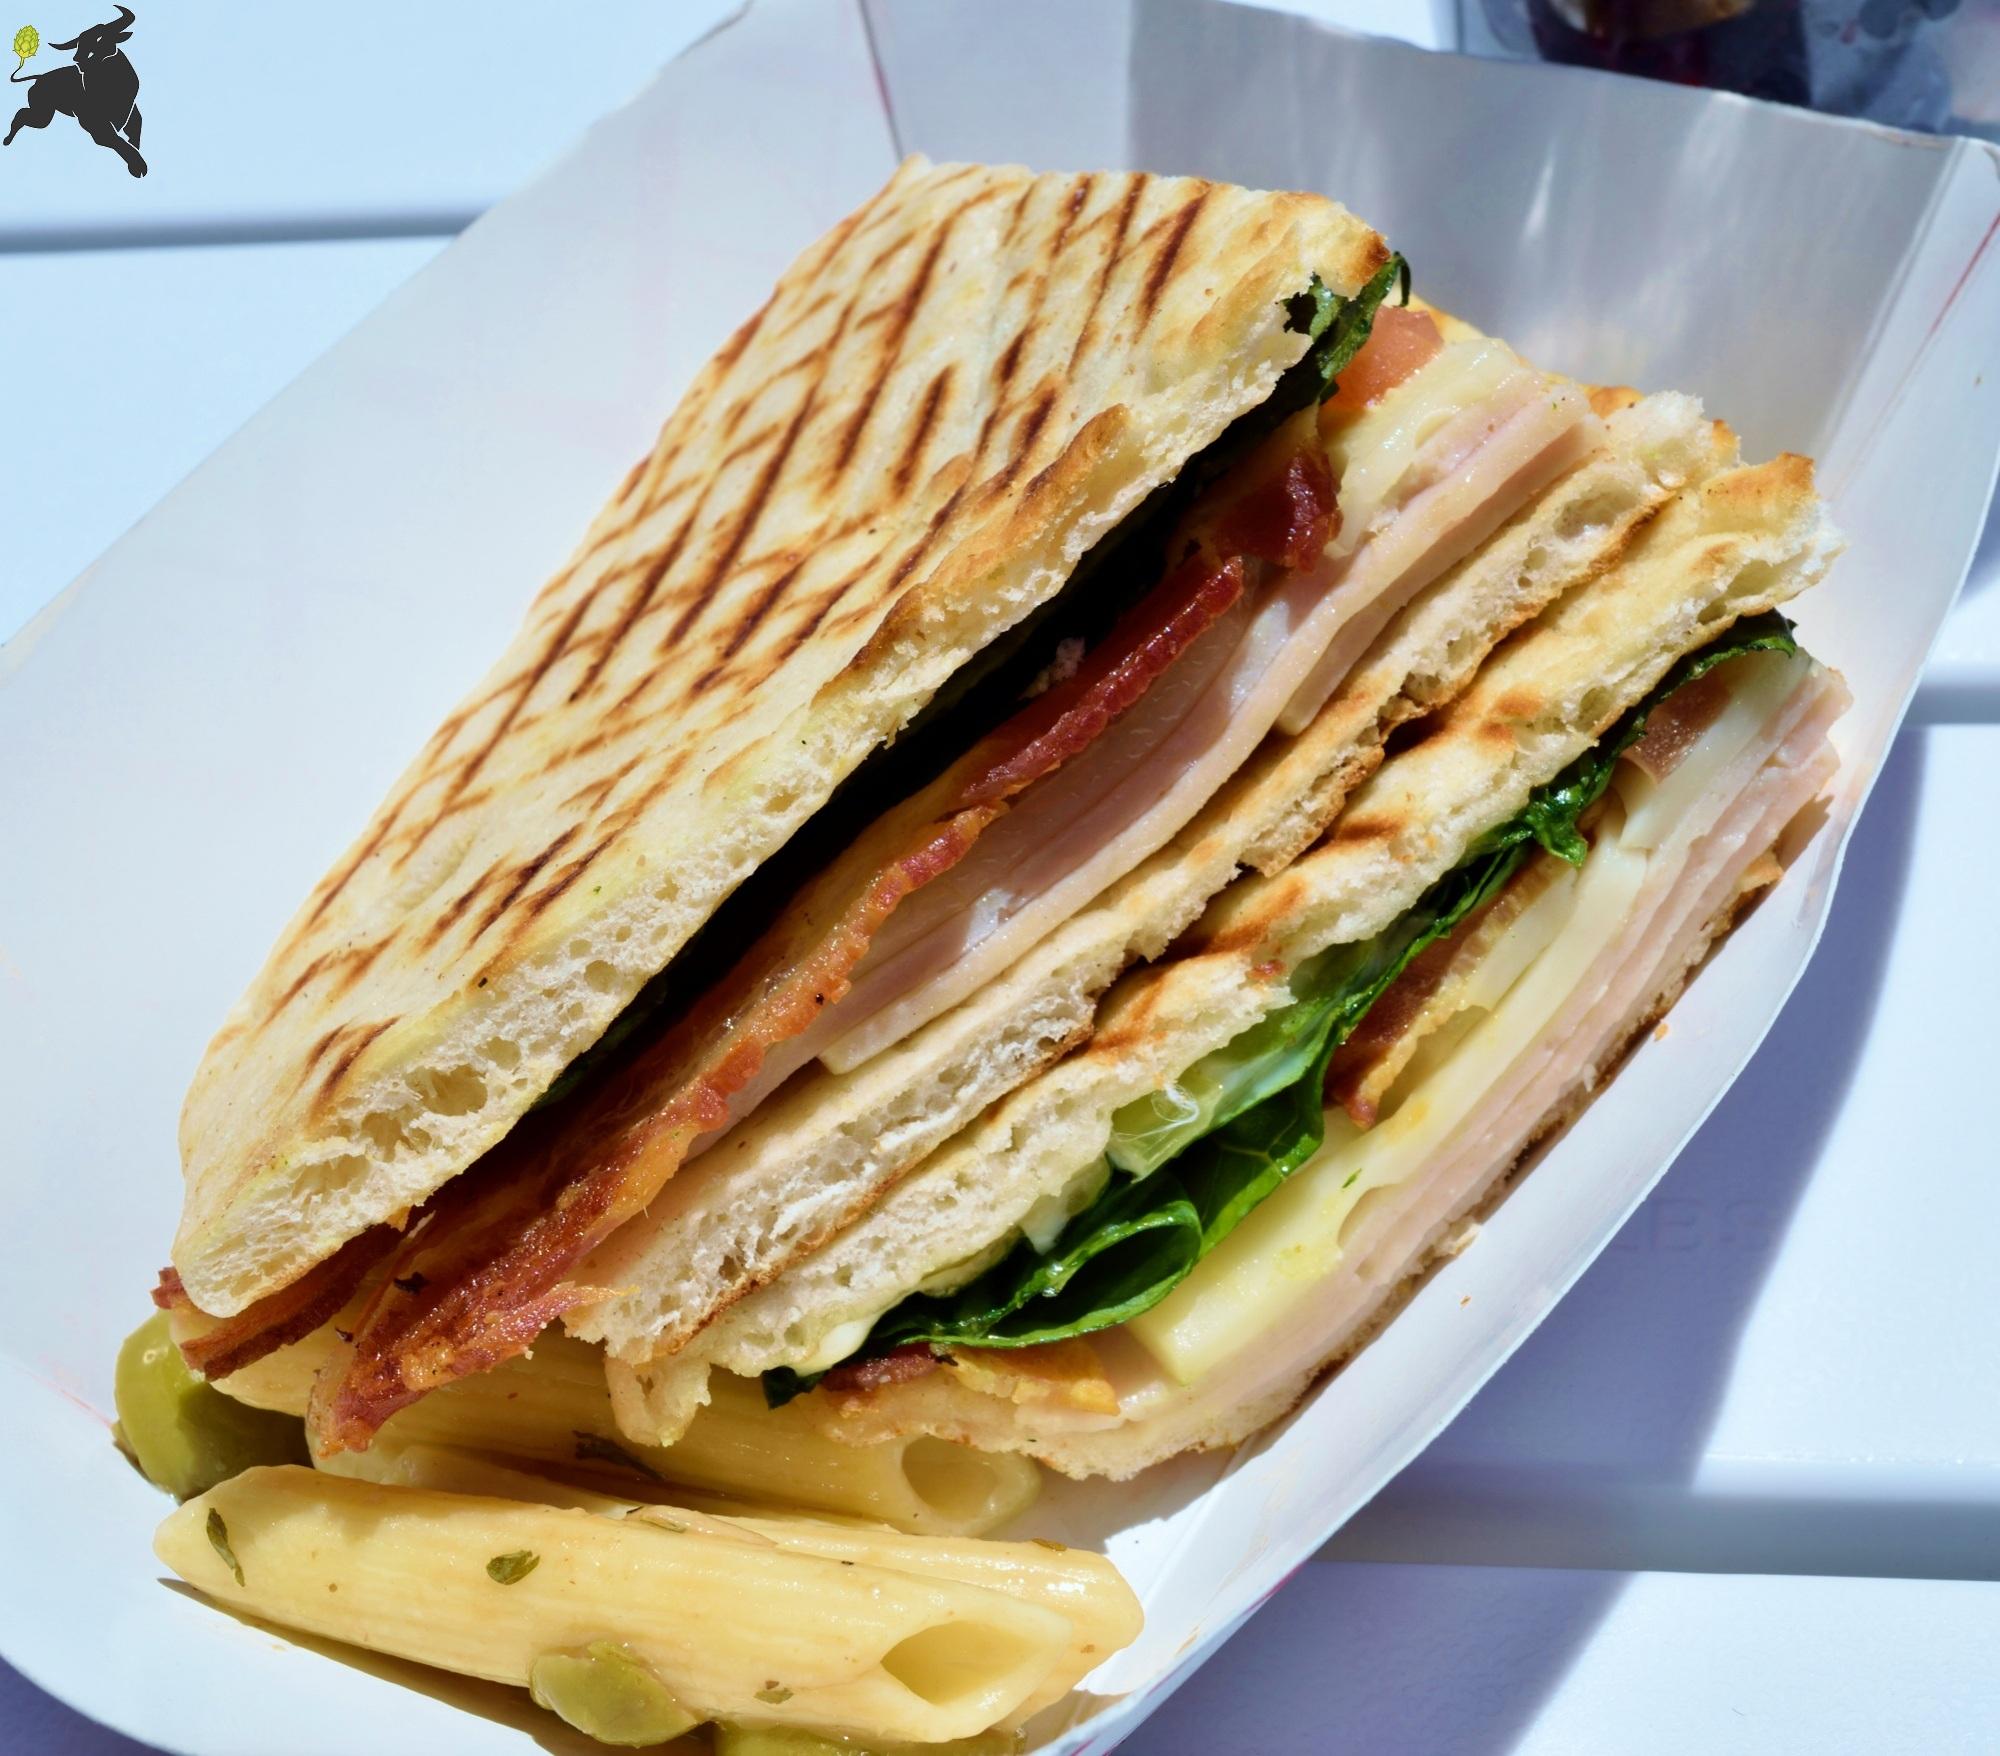 Garden State Salad - Turkey BLT